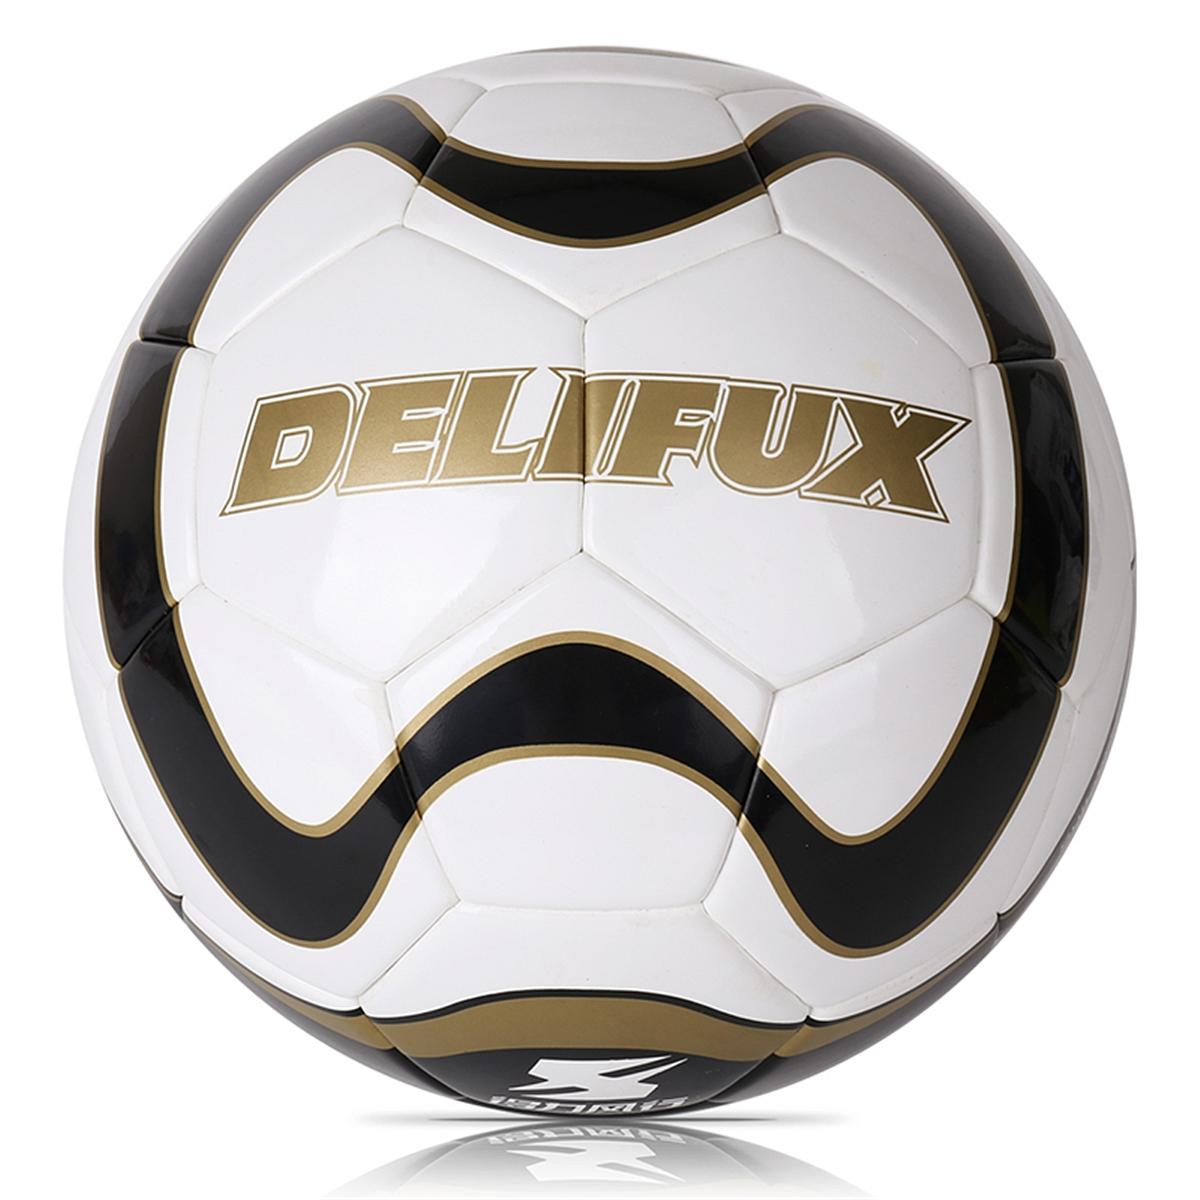 得力风行F1202PU5号贴片足球 球类(白+黑)(个)